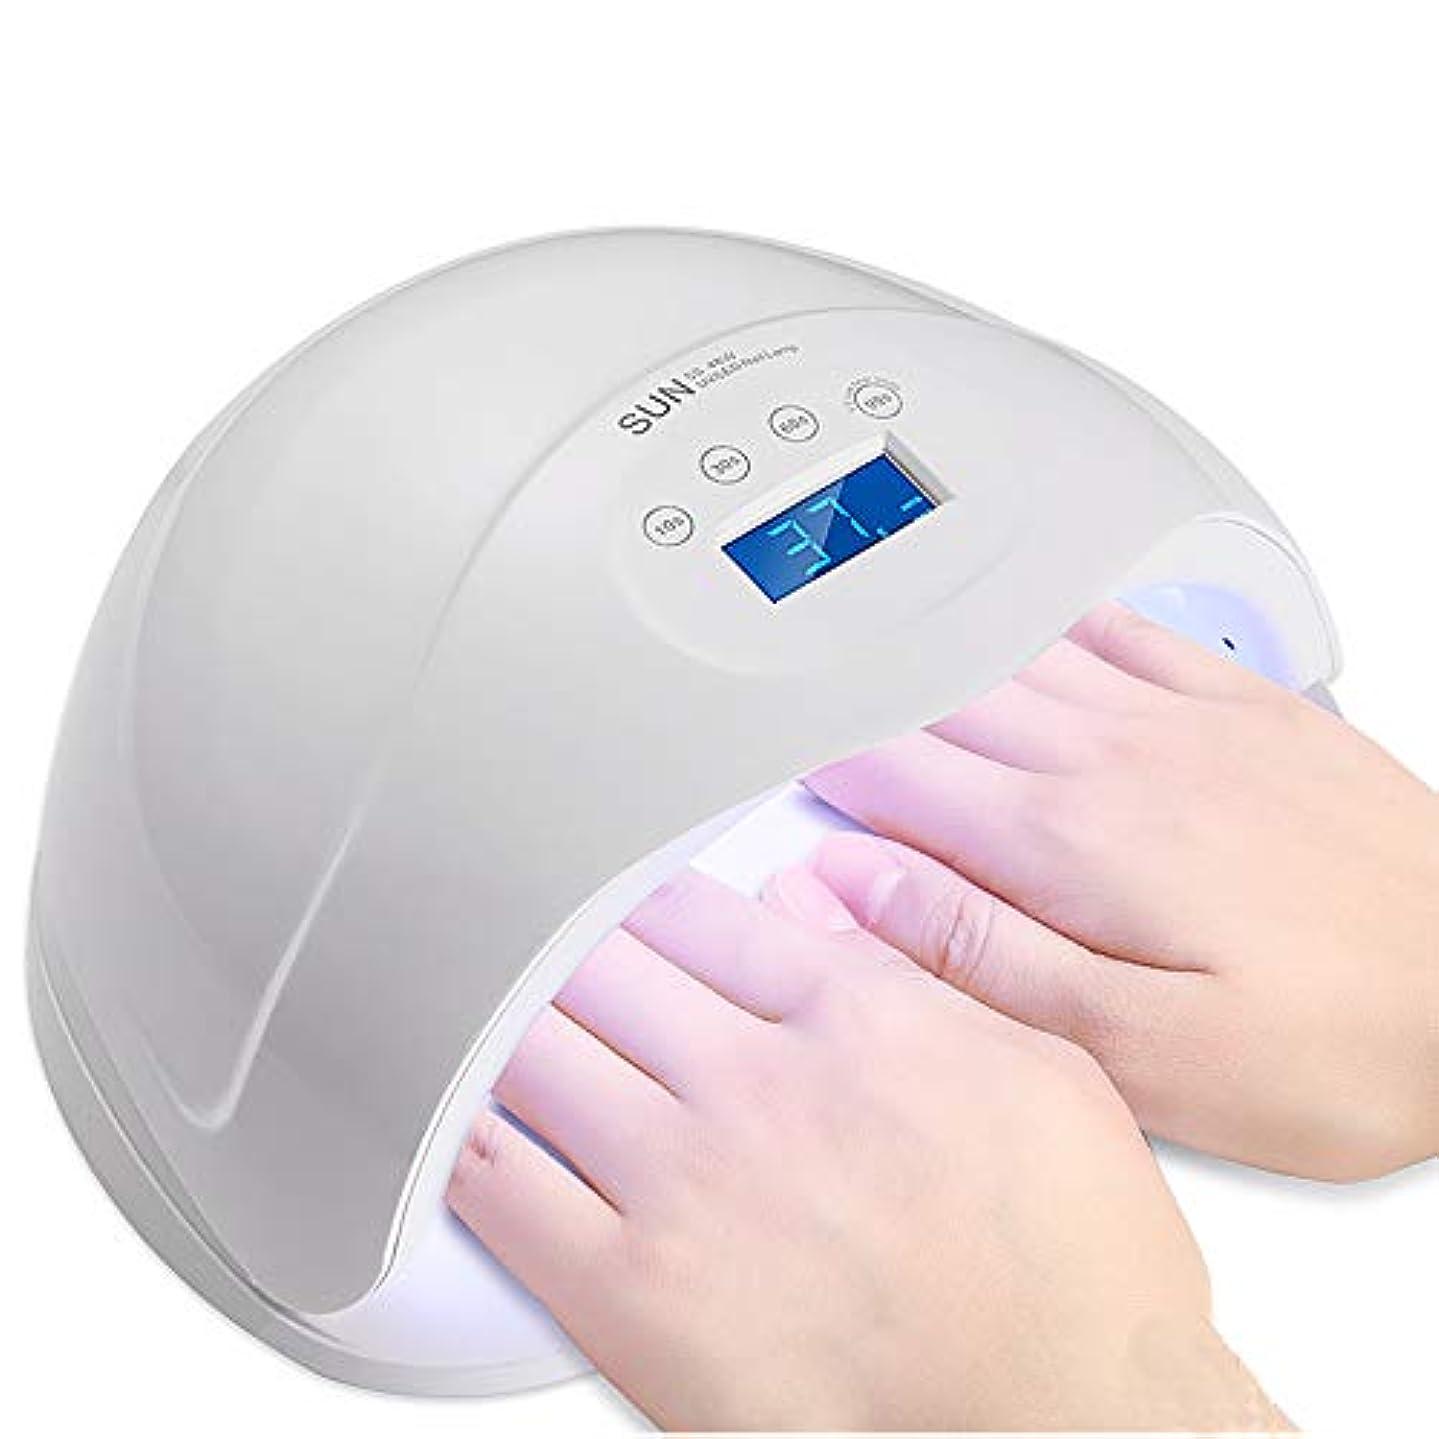 一元化する強い残る48W LCDディスプレイ付 LED+UV二重光源 ジェルネイル ネイルドライヤー ハイパワー 高速硬化 低ヒート機能 4段階タイマー (ホワイト)